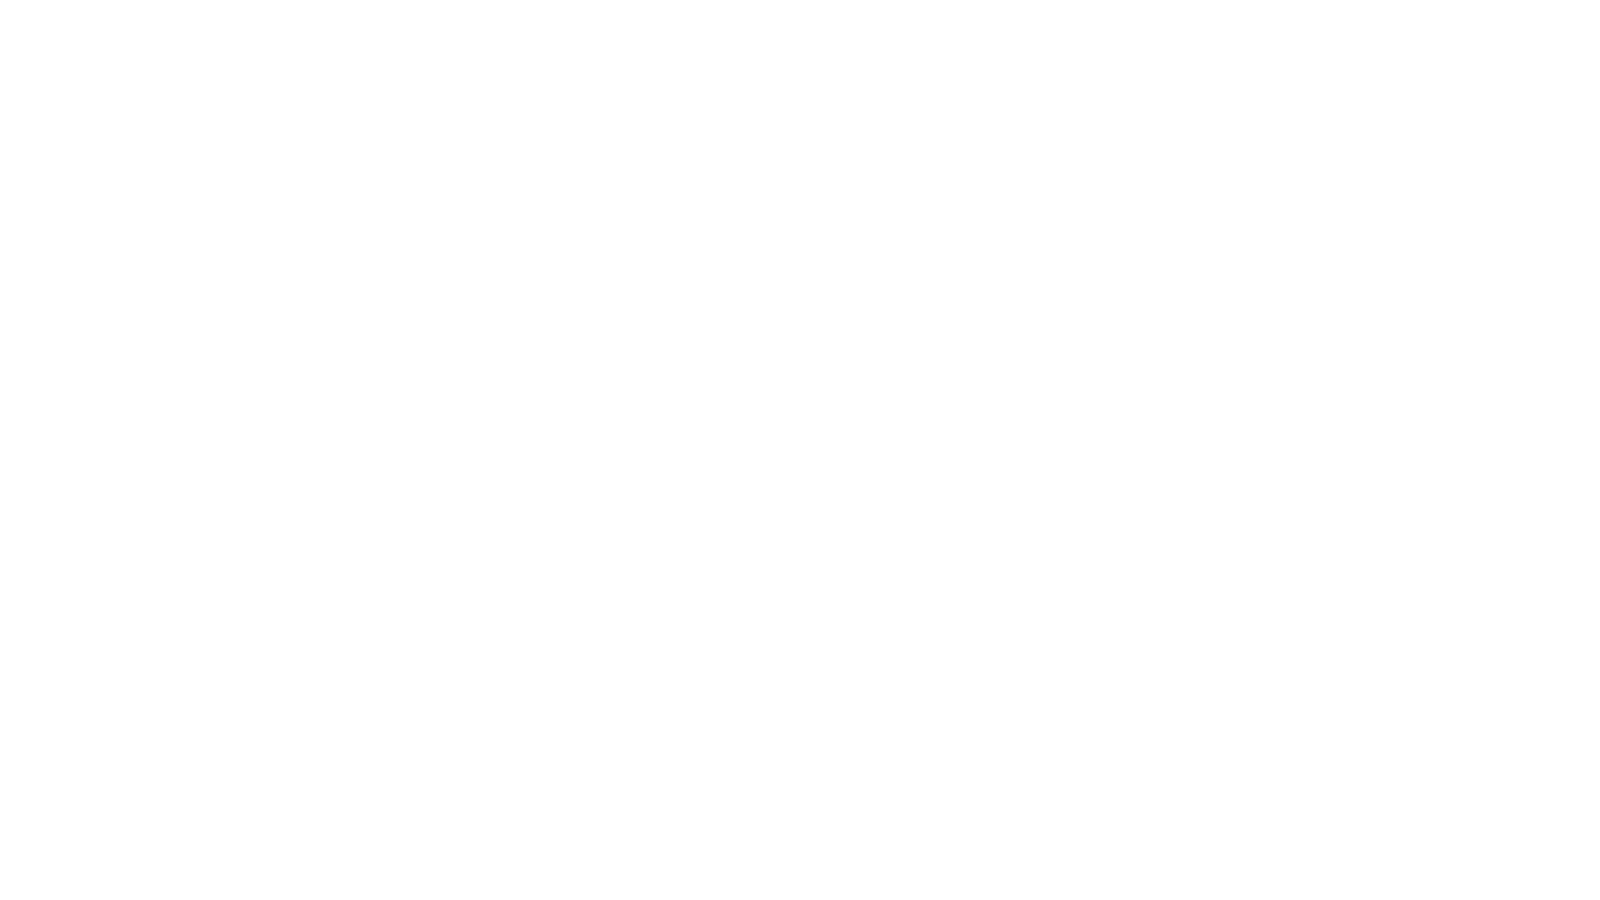 Fotoclub Diafragma https://www.fotoclubdiafragma.nl  Wat zijn samengestelde beelden? En hoe maak je ze?  In deze video gaan we uit van verschillende elementen, die samen een uniek nieuw beeld vormen. Dat kan door gebruik te maken van verschillende foto's, kunstwerken, of slim gebruik te maken je camera en apparatuur.  In deze video zullen leden van de werkgroep Creatieve fotografie van fotoclub Diafragma hun ervaringen en tips met jullie delen.  Verder zal fotograaf Evert Jan Westera van Studio Haaglanden uitleggen hoe je met gebruik van flitslicht samengestelde beelden kan creëren.  Johanneke Kriek | Samengestelde beelden     01:20 André Sprong | Photoshop instructie   09:15 Evert Jan Westera | Spelen met flitslicht   19:40  Met dank aan: Johanneke Kriek André Sprong Evert Jan Westera  Montage en voice-over Johan de Vos  Getoonde foto's:  Antonio Mora Pep Ventosa Johanneke Kriek André Sprong Evert Jan Westera  Links bij de video:  FOTOJEROEN (Jeroen de Jong) zeer duidelijke uitleg: https://www.youtube.com/channel/UCog812uyZpQrI9h64uexSCg PHLEARN met Aaron Nace: https://www.youtube.com/user/PhlearnLLC Penseel met handtekening maken: https://www.youtube.com/watch?v=FnnxxyIEE0g PIXimperfekt met Unmesh Dinda: https://www.youtube.com/channel/UCMrvLMUITAImCHMOhX88PYQ Letsgettoit voor dubbel exposure beelden: https://www.youtube.com/user/PhlearnLLC Mike Sluitertijd geeft zowel voor Photoshop als voor Lightroom een complete beginnerscursus in het Nederlands: https://www.youtube.com/channel/UCrUZ4CSdB6I5uNW6kkFCNZQ  Mirrorlab (alleen Android) https://play.google.com/store/apps/details?id=com.ilixa.mirror&hl=nl&gl=US  Alle getoonde foto's zijn auteursrechtelijk beschermd door de benoemde fotograaf.  Music: https://www.bensound.com  Deze video bevat geen betaalde samenwerking. Deze vermelding is onderdeel van de Social Code: YouTube. Voor meer informatie over deze richtlijnen, ga naar https://desocialcode.nl  © 2021 fotoclub Diafragma